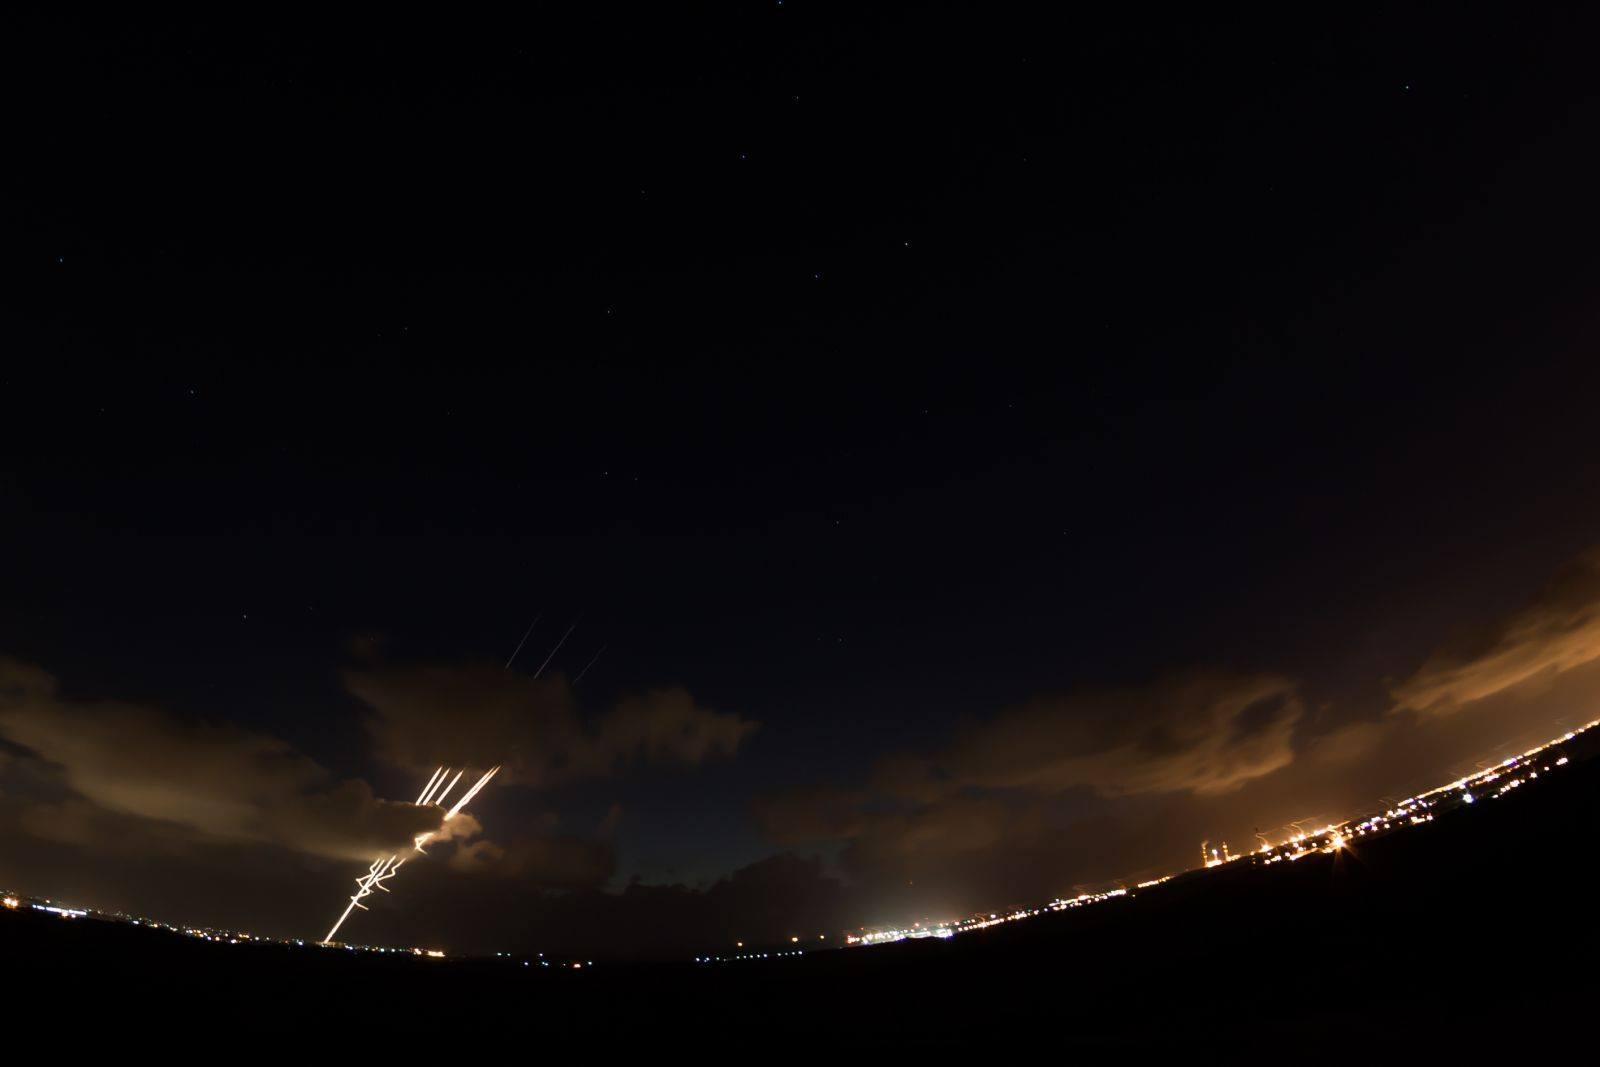 لحظة اطلاق صاروخين من غزة تجاه مستوطنة